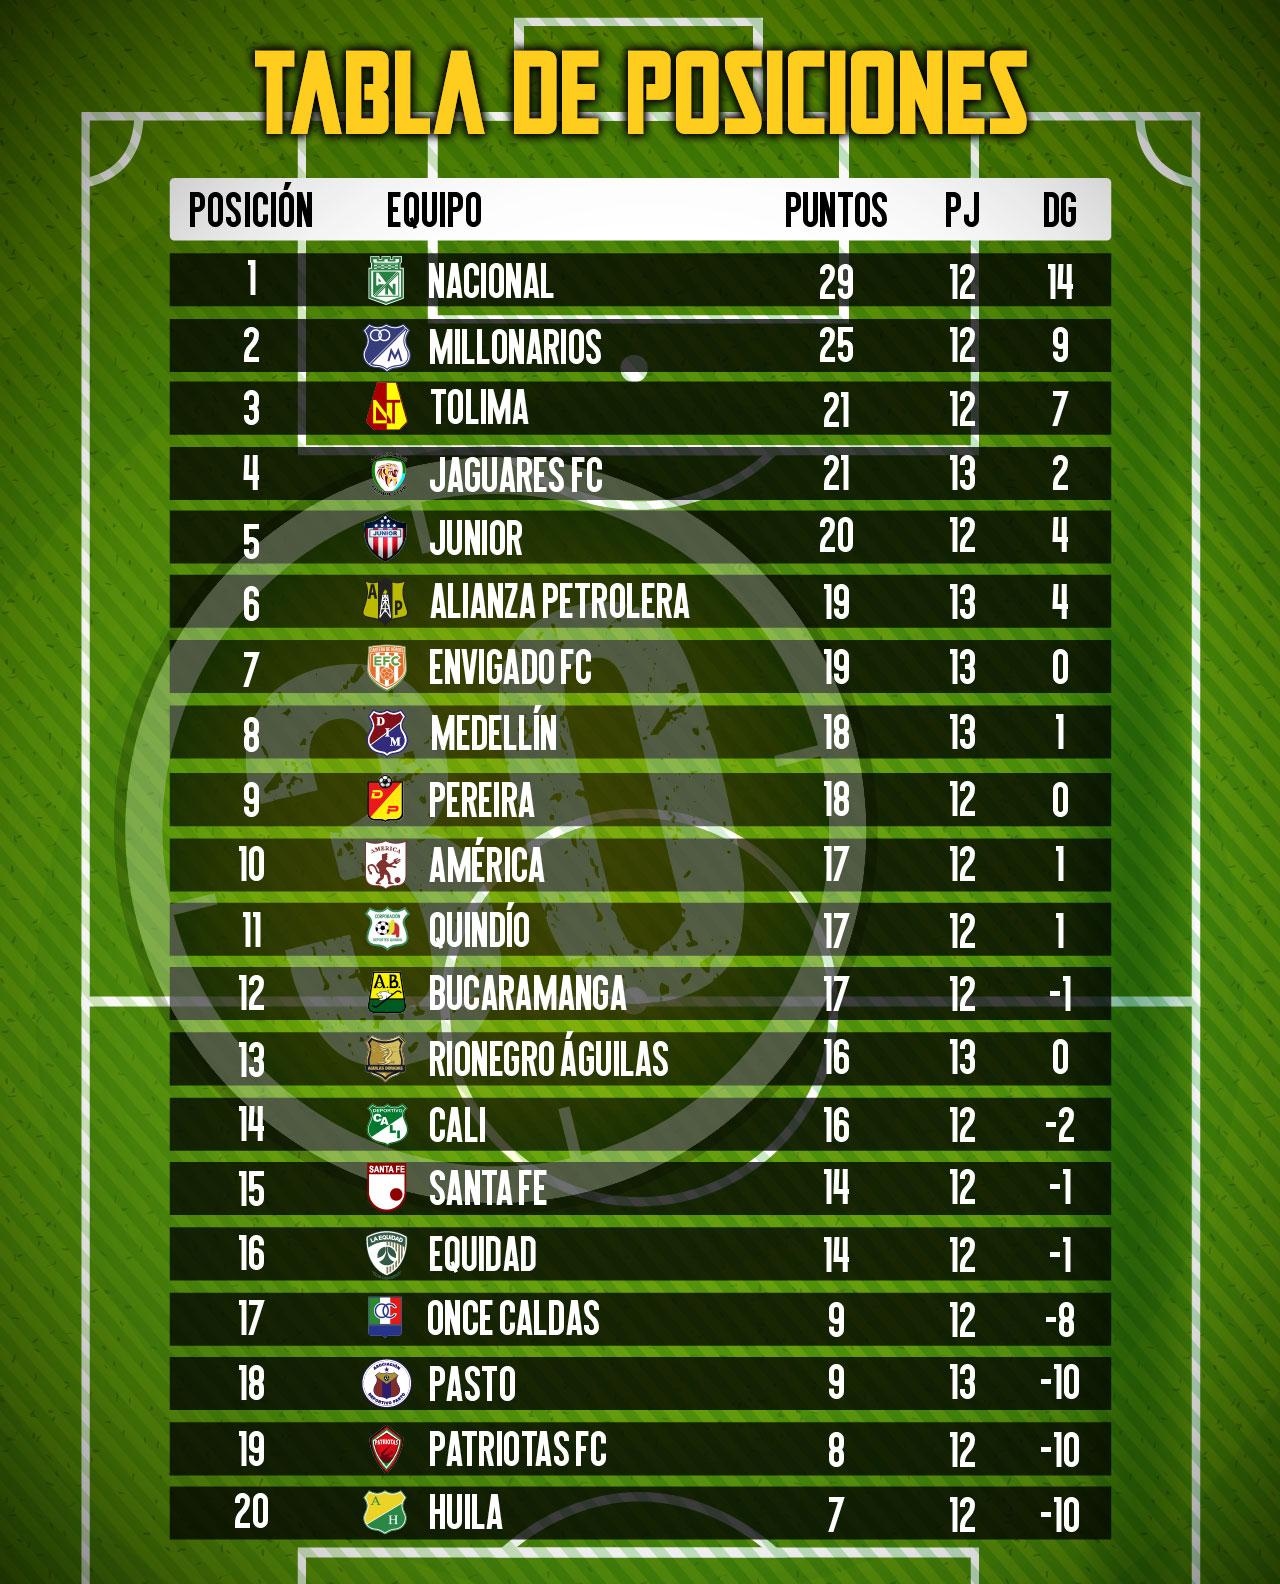 tabla de posiciones 1